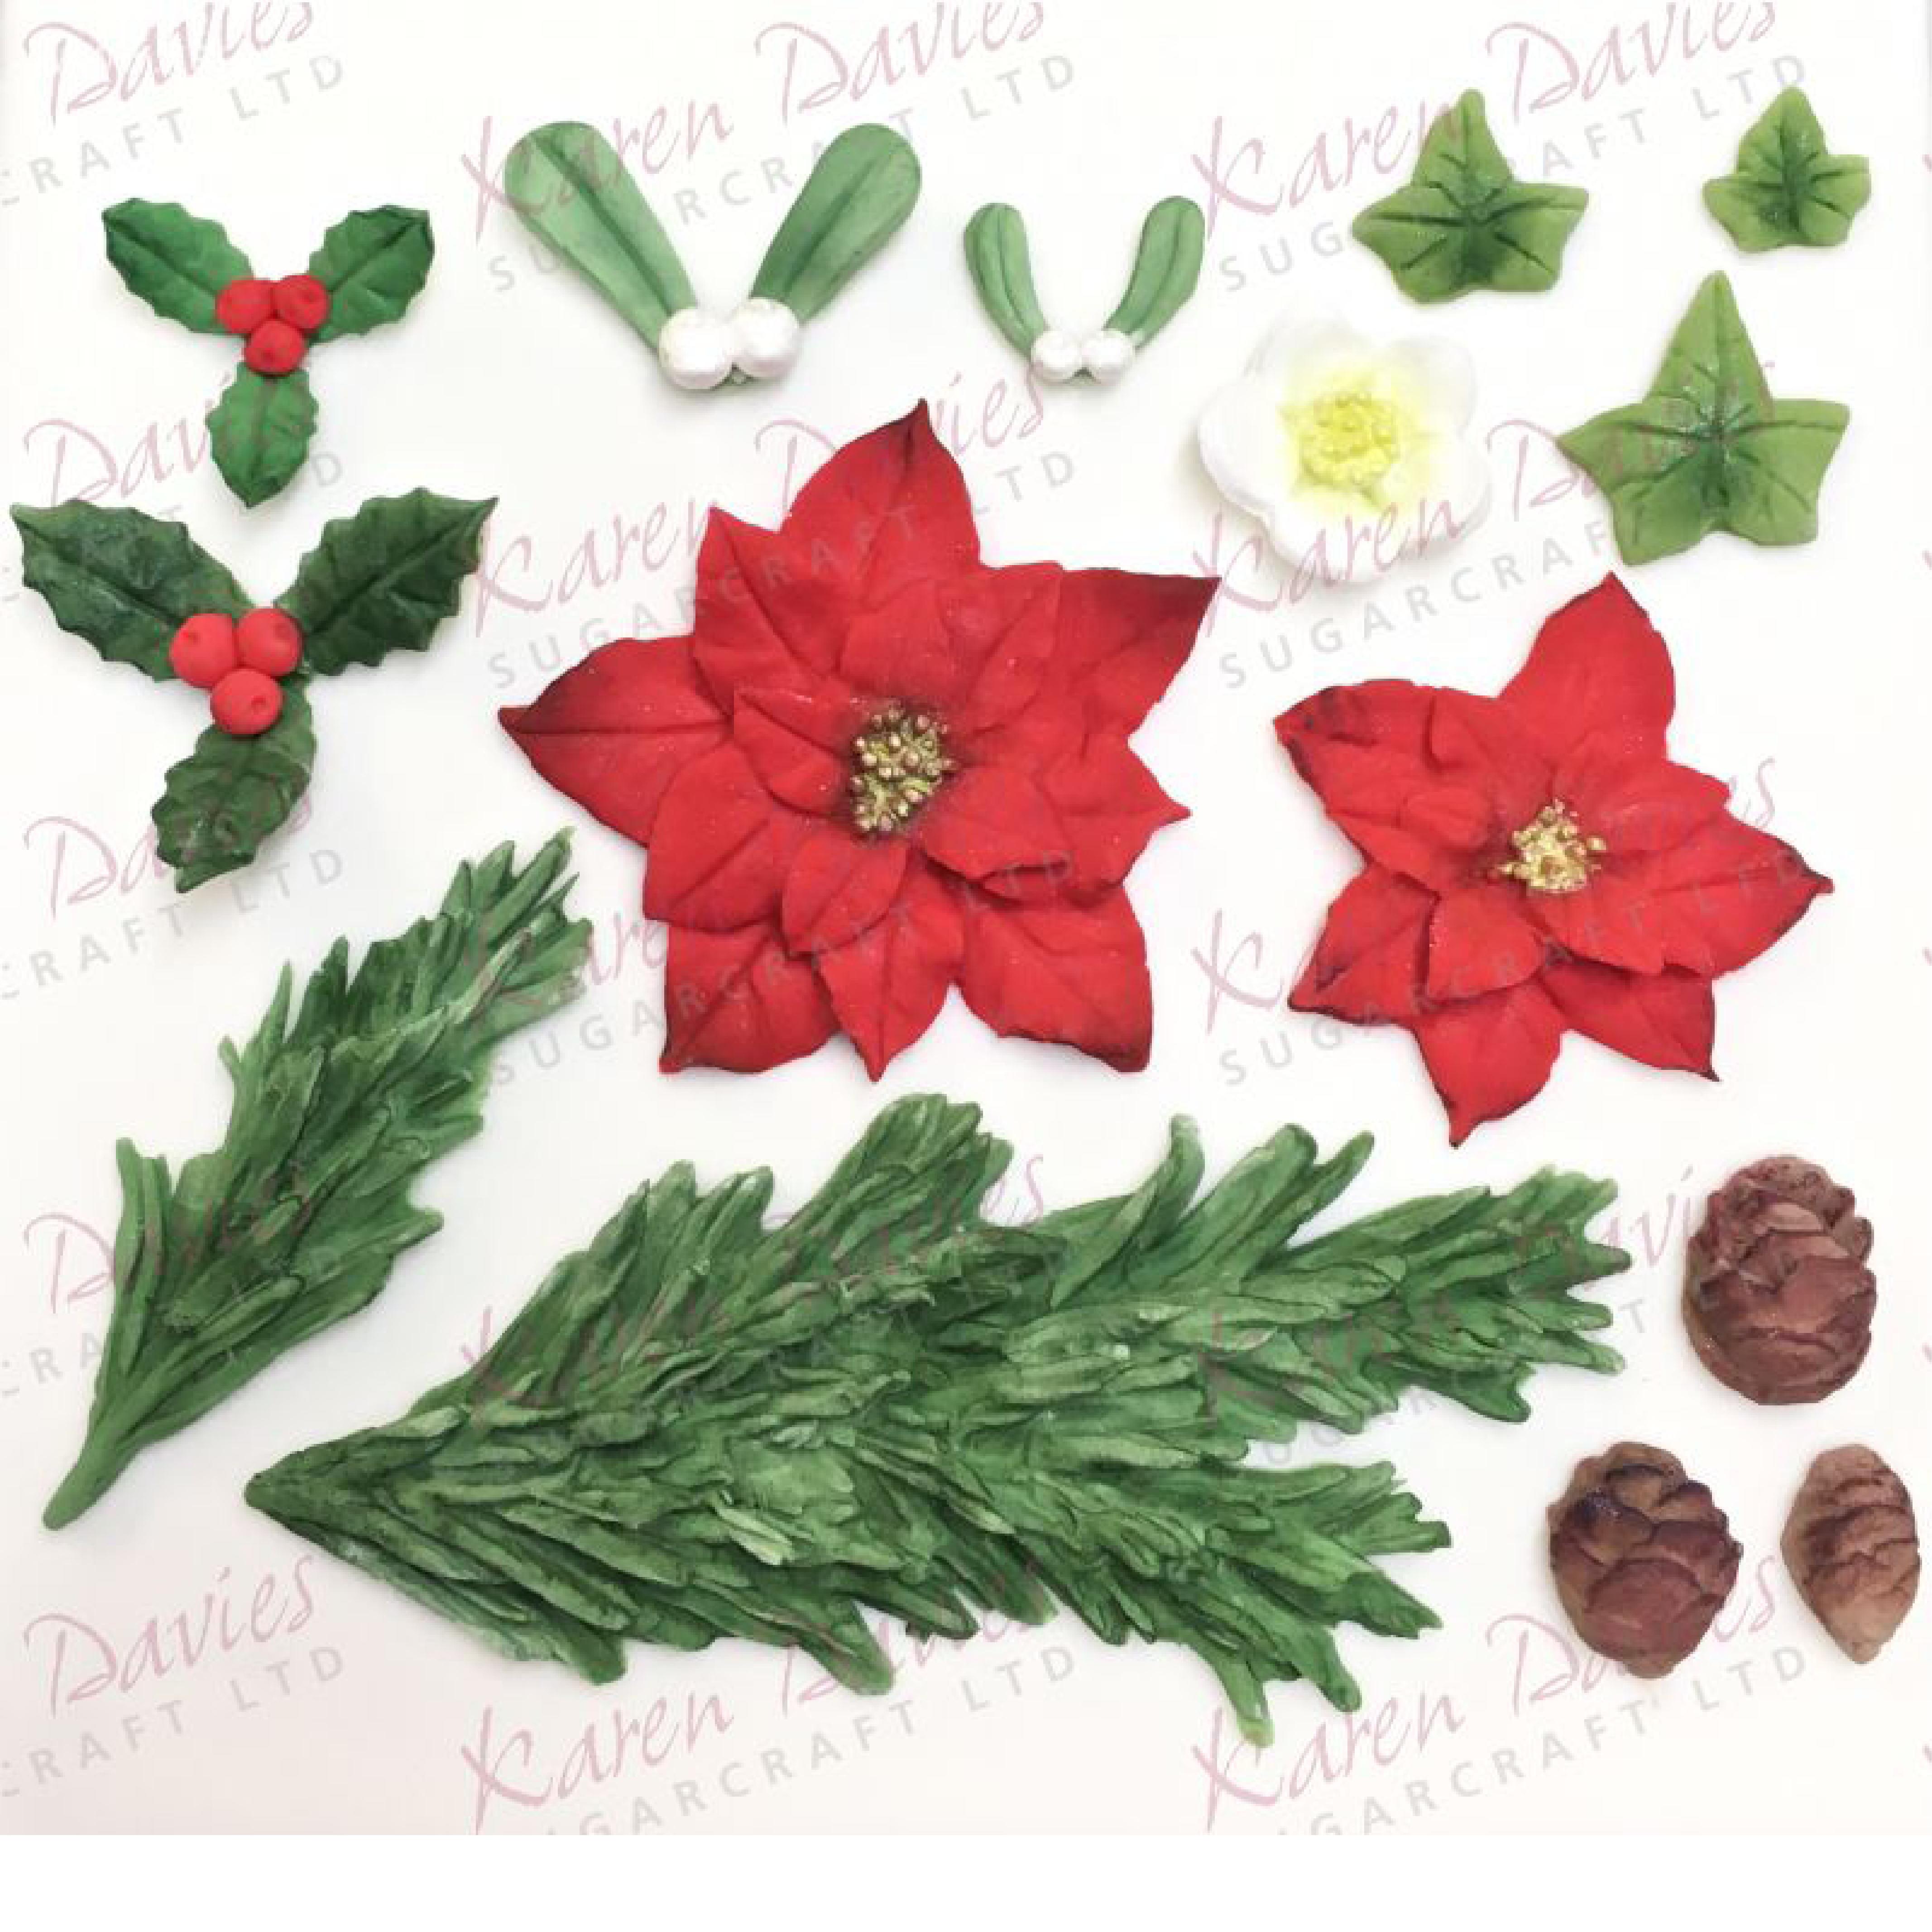 Weihnachtsstern Für Tannenbaum.Mould Tannenbaum Und Weihnachtsstern Von Karen Davies